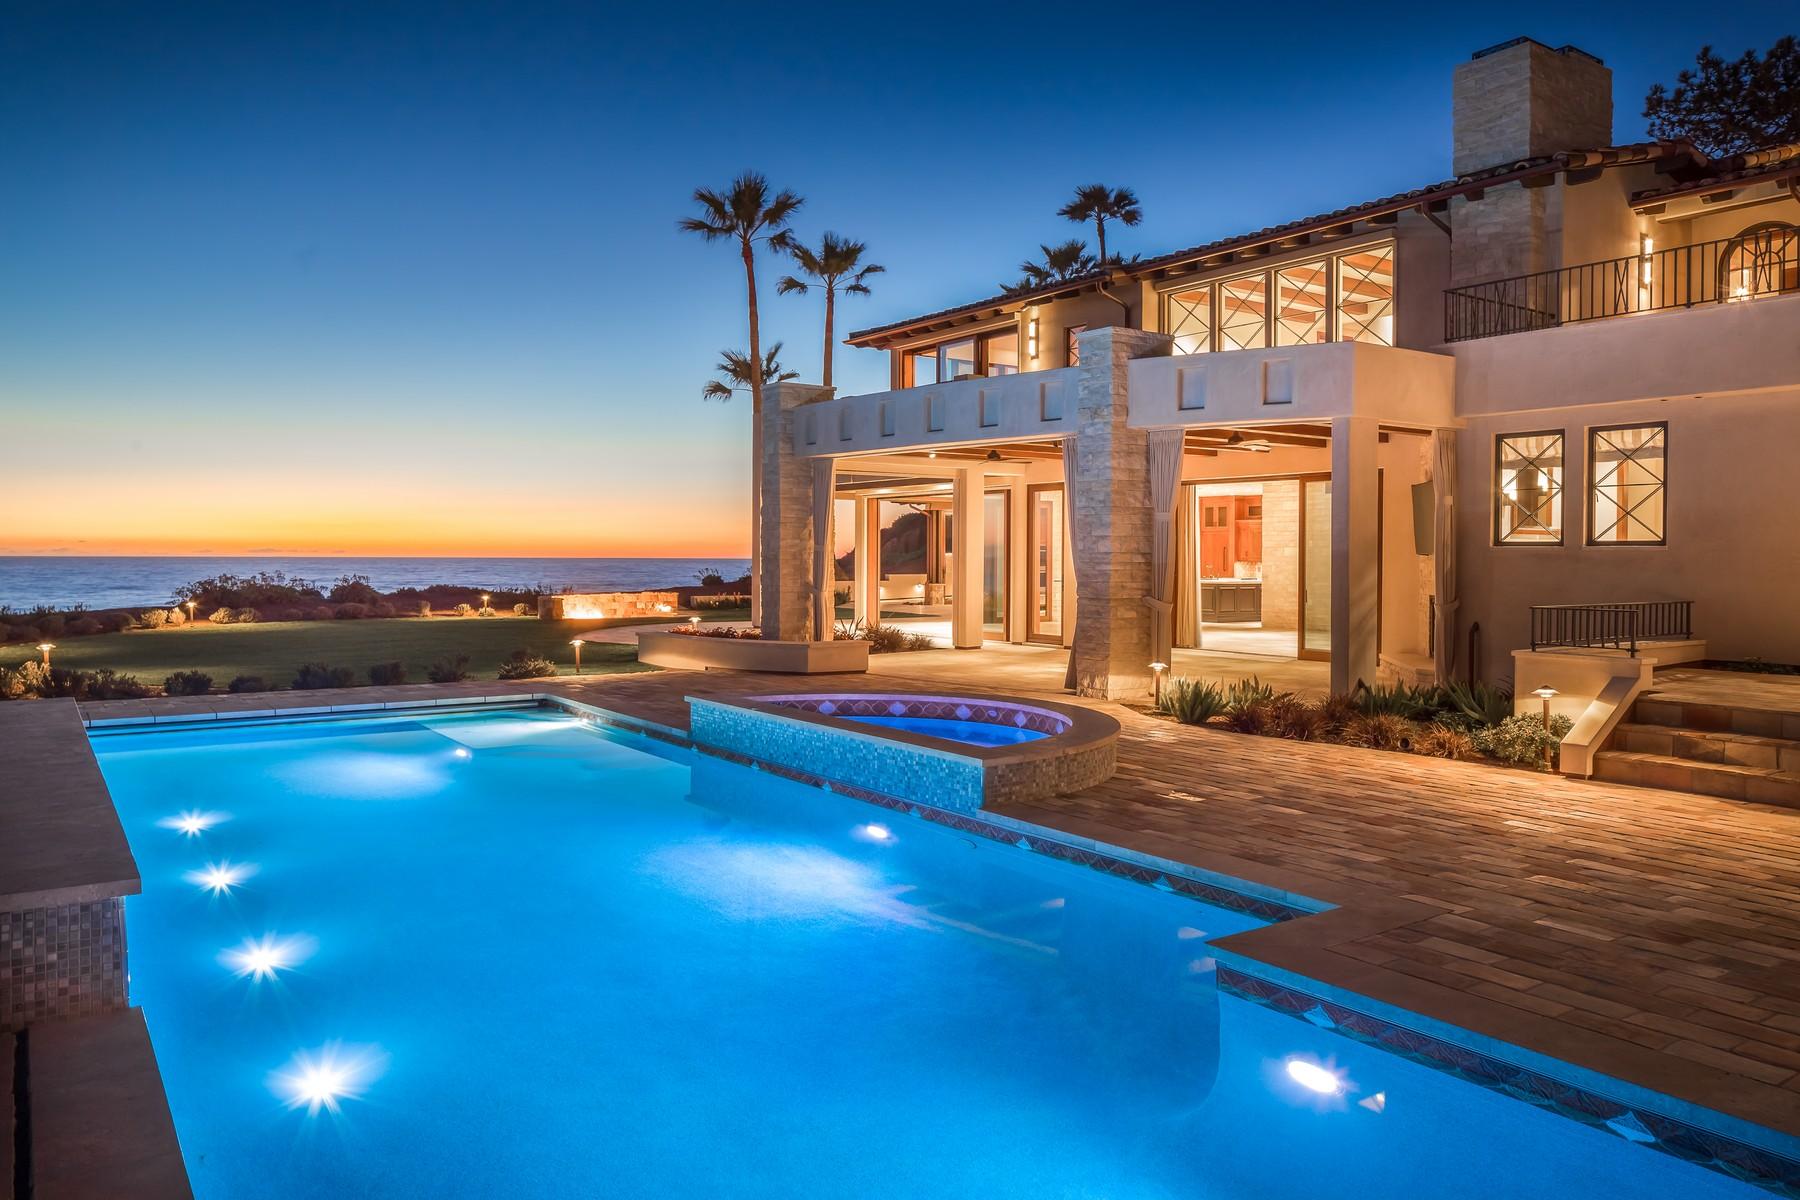 Частный односемейный дом для того Продажа на 100 Stratford Del Mar, 92014 Соединенные Штаты